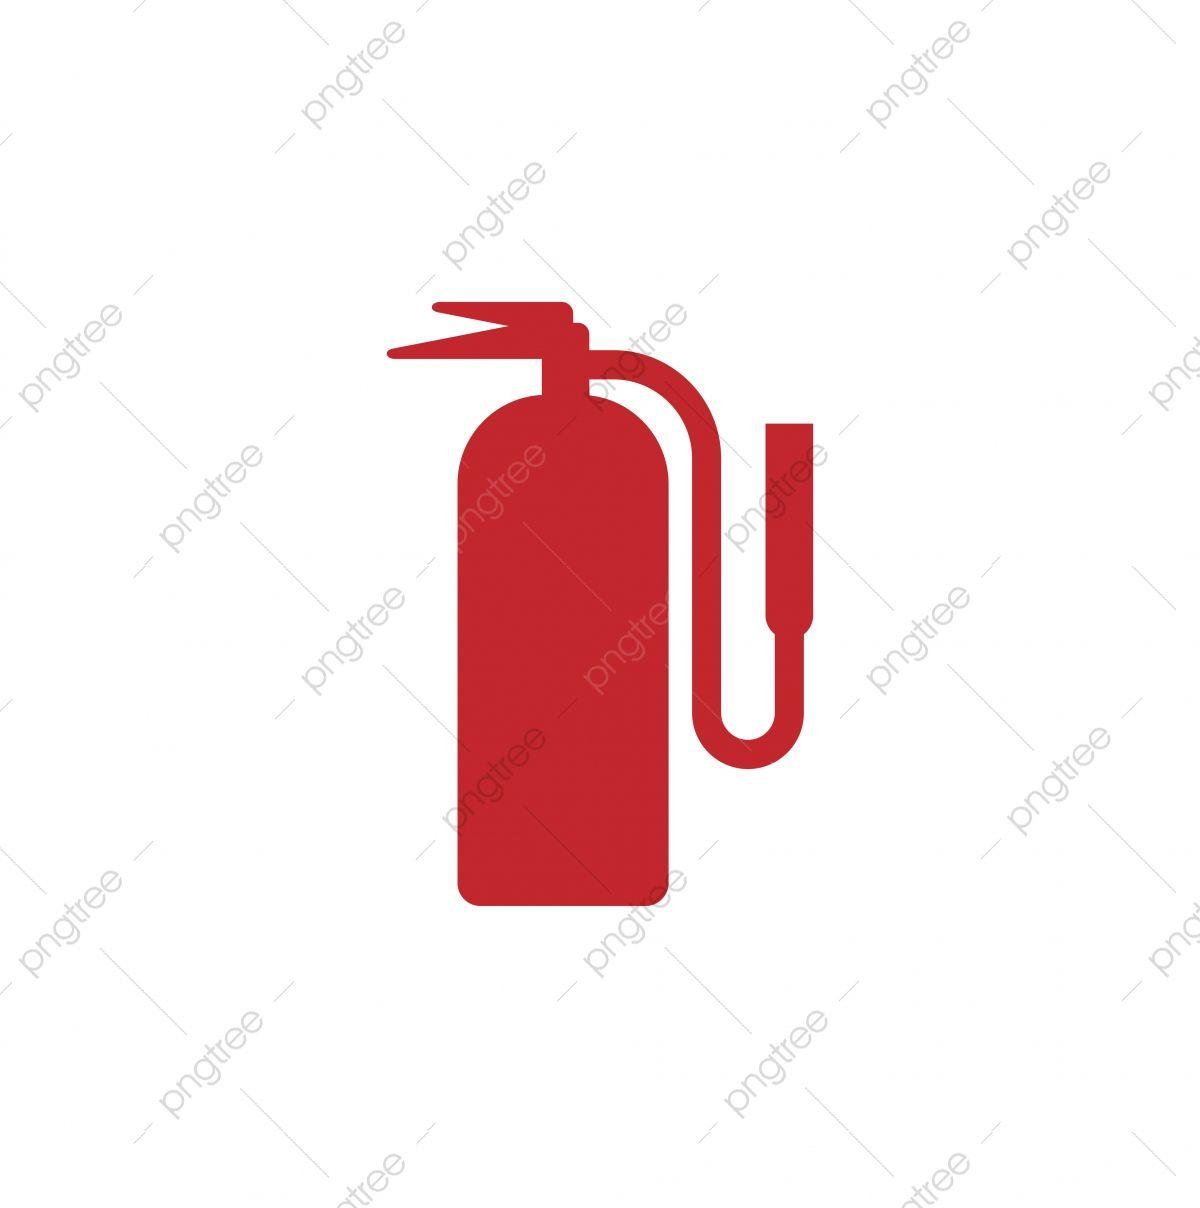 كرتون طفاية حريق المواد أيقونات النار أيقونات كرتونية رسوم متحركة Png والمتجهات للتحميل مجانا Symbols Letters Extinguisher